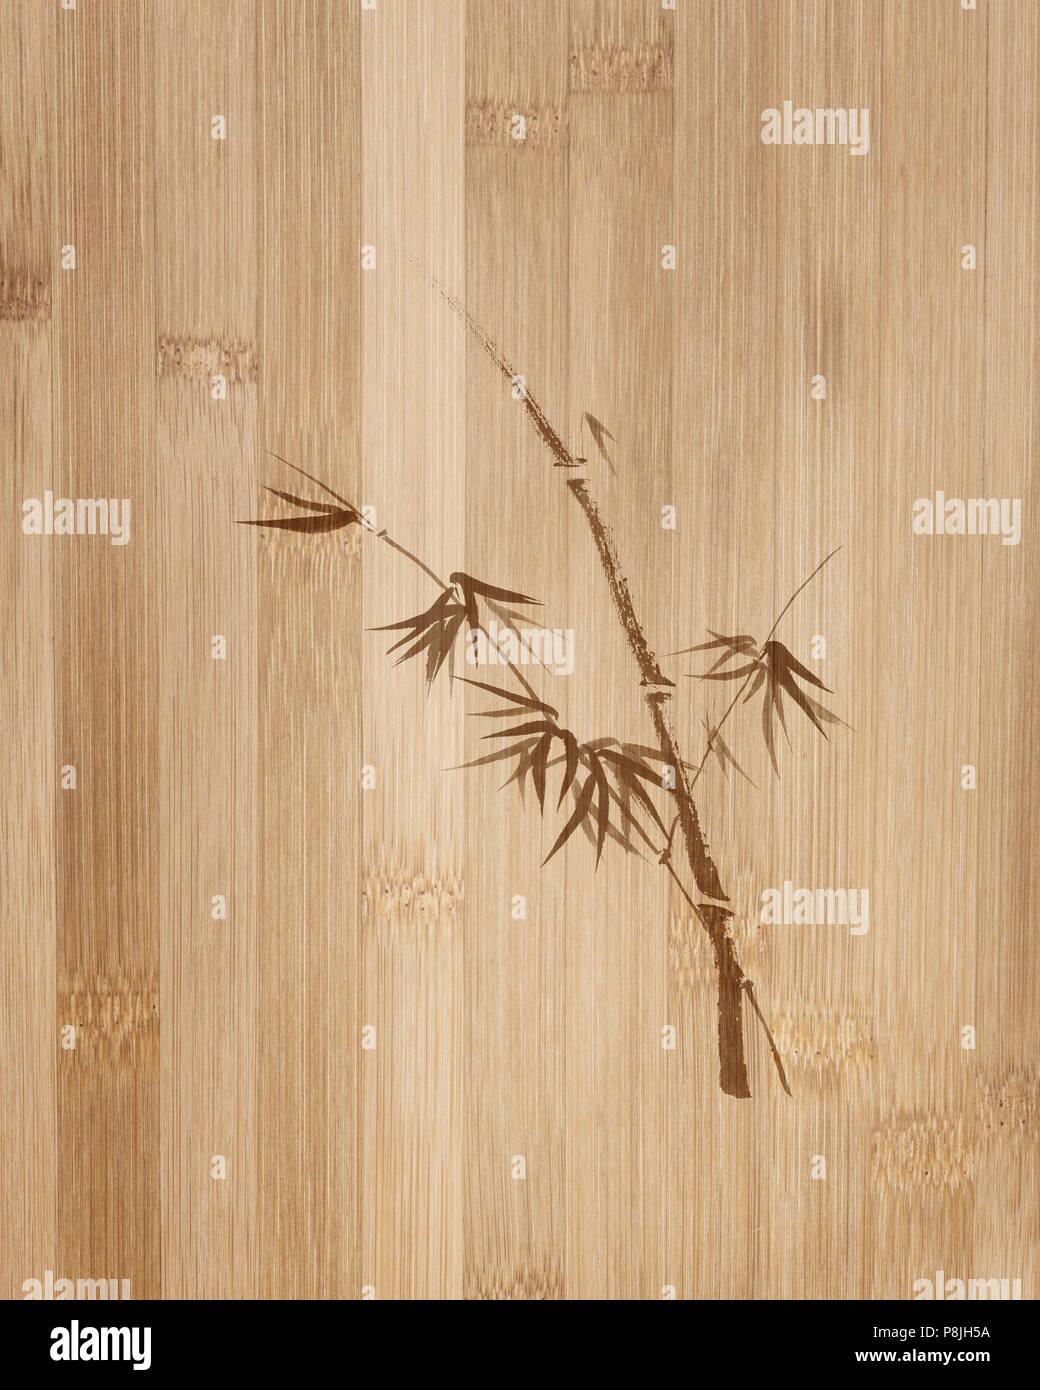 Bambus Kunst Stockfotos und bilder Kaufen Alamy